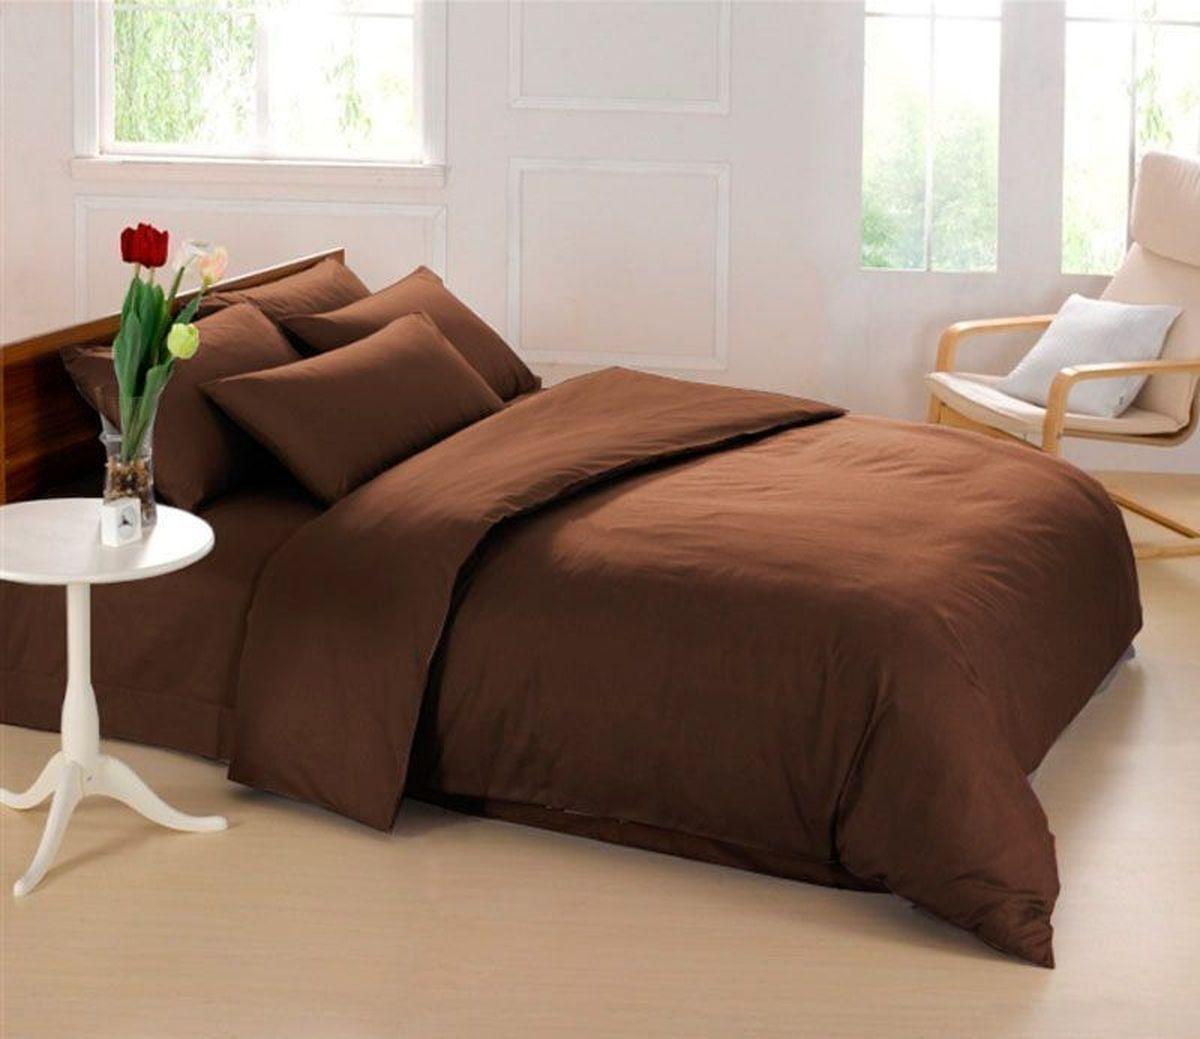 Постельное белье Sleep iX Perfection, семейный, цвет: темно-коричневыйpva215433Известно, что цвет напрямую воздействует на психологическое и физическое состояние человека. Специально для наших покупателей мы внесли описание воздействия каждого цвета в комплекты постельного белья Perfection. Коричневый - спокойный и сдержанный цвет. Вызывает ощущение тепла, способствует созданию спокойного мягкого настроения. Это цвет надежности, прочности, здравого смысла. Производитель: Sleep iX Материал: Микрофреш (100 г/м2) Состав материала: 100% микрофибра Размер: Семейное (2 пододеял.) Размер пододеяльника: 150х220 см Тип застежки на пододеяльнике: Молния (100 см) Размер простыни: 220х240 (обычная) Размер наволочек: 50х70 и 70х70 (по 2 шт) Тип застежки на наволочках: Клапан (20 см) Упаковка комплекта: Подарочная Коробка Cтрана производства: Китай Расположение цветов на комплекте постельного белья полностью соответствует фотографии (верхние наволочки - 50х70 см, нижние наволочки - 70х70 см).